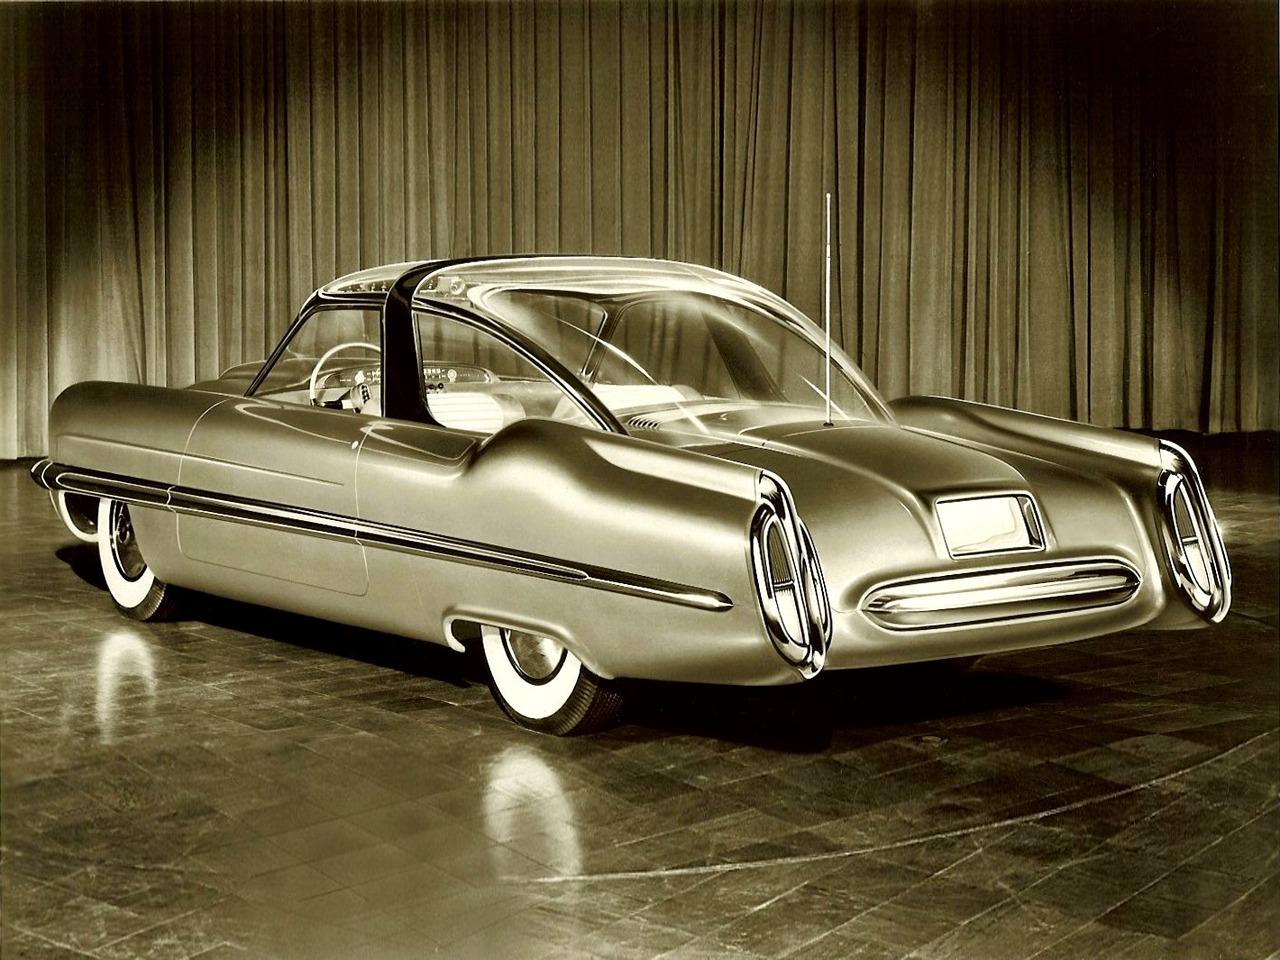 Lincoln xl-500 concept car 1953